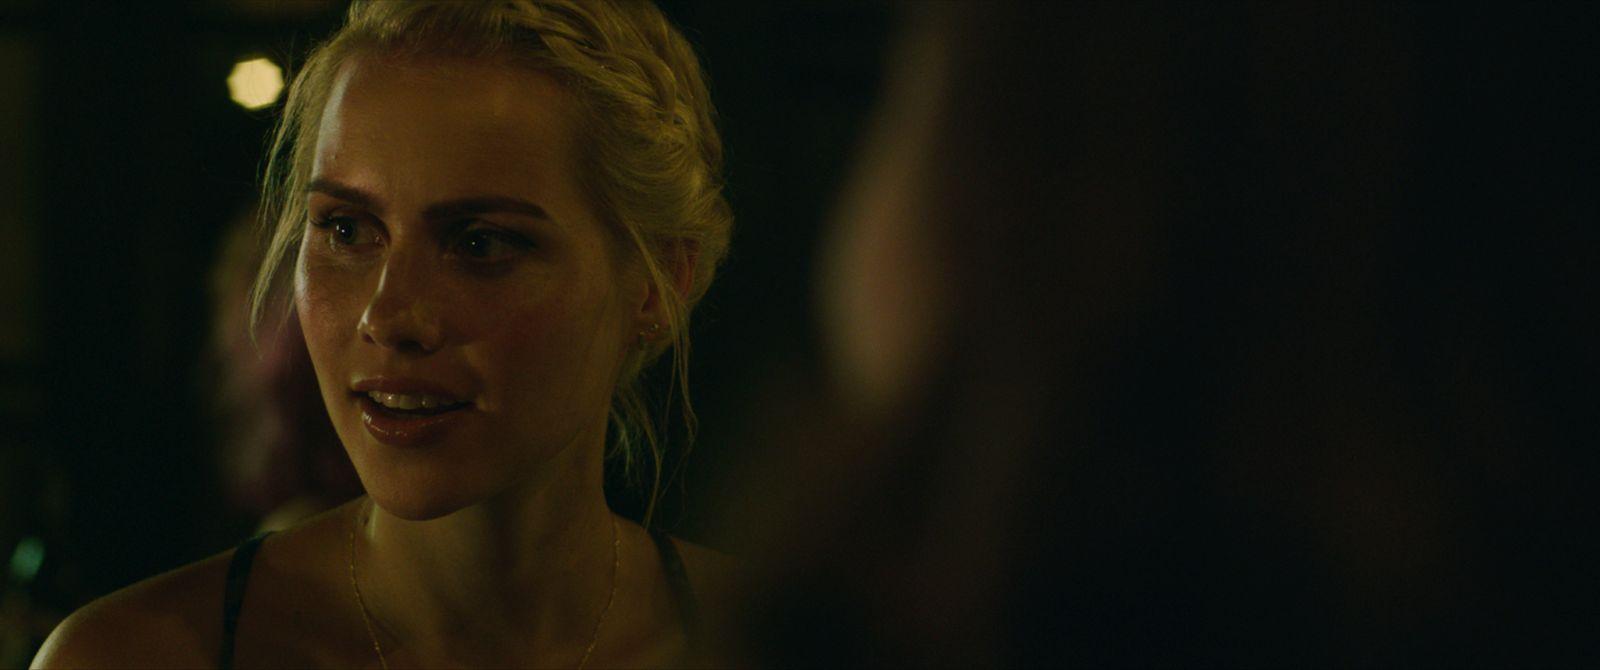 47 metri: Claire Holt in una scena del film